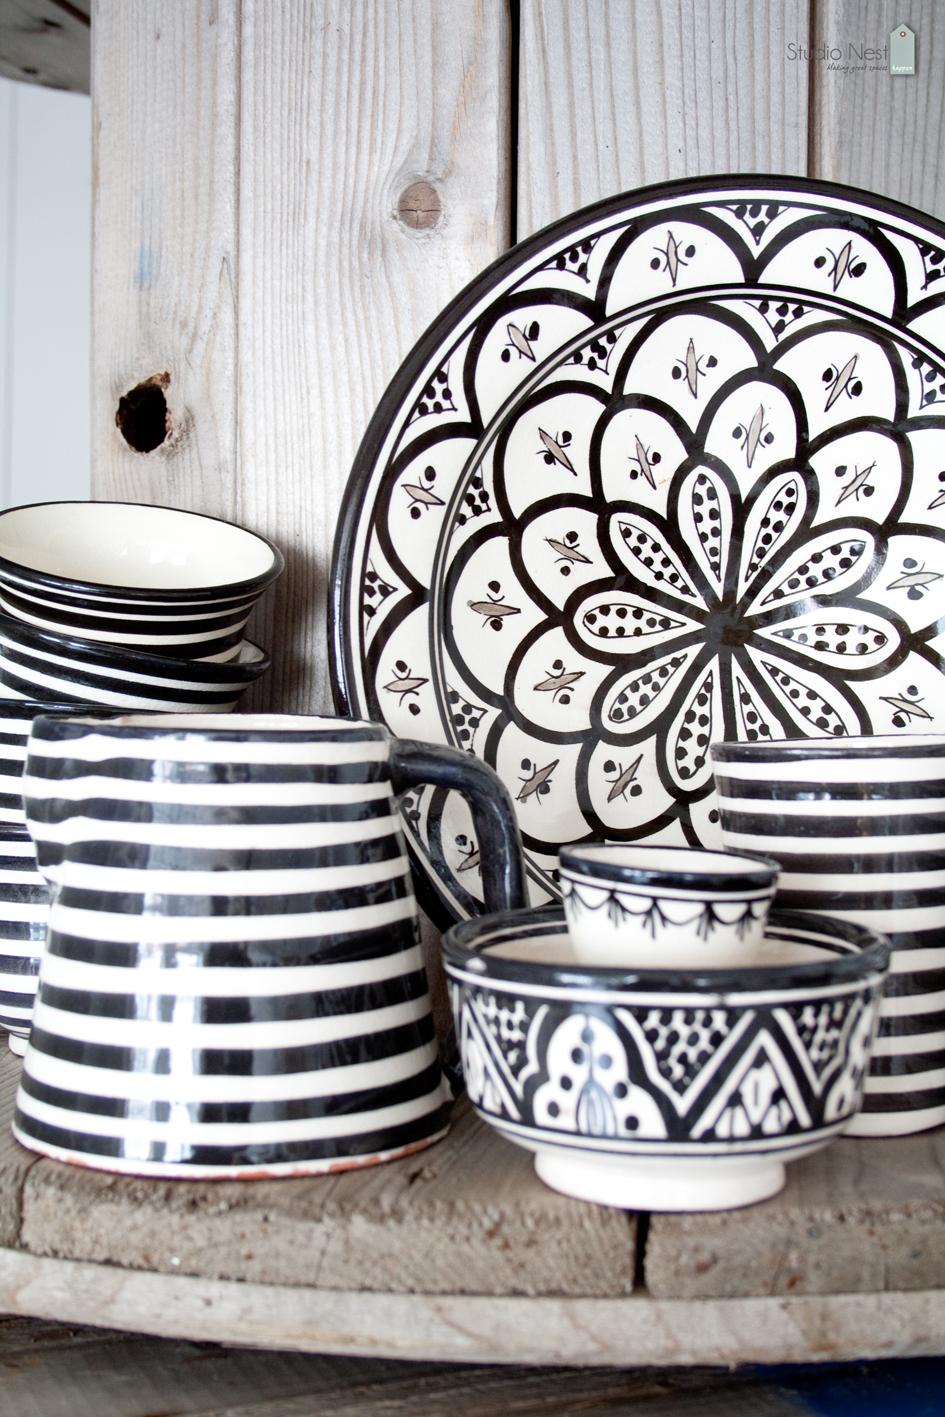 rosa 39 s inspiration foto styling workshop tine k home. Black Bedroom Furniture Sets. Home Design Ideas